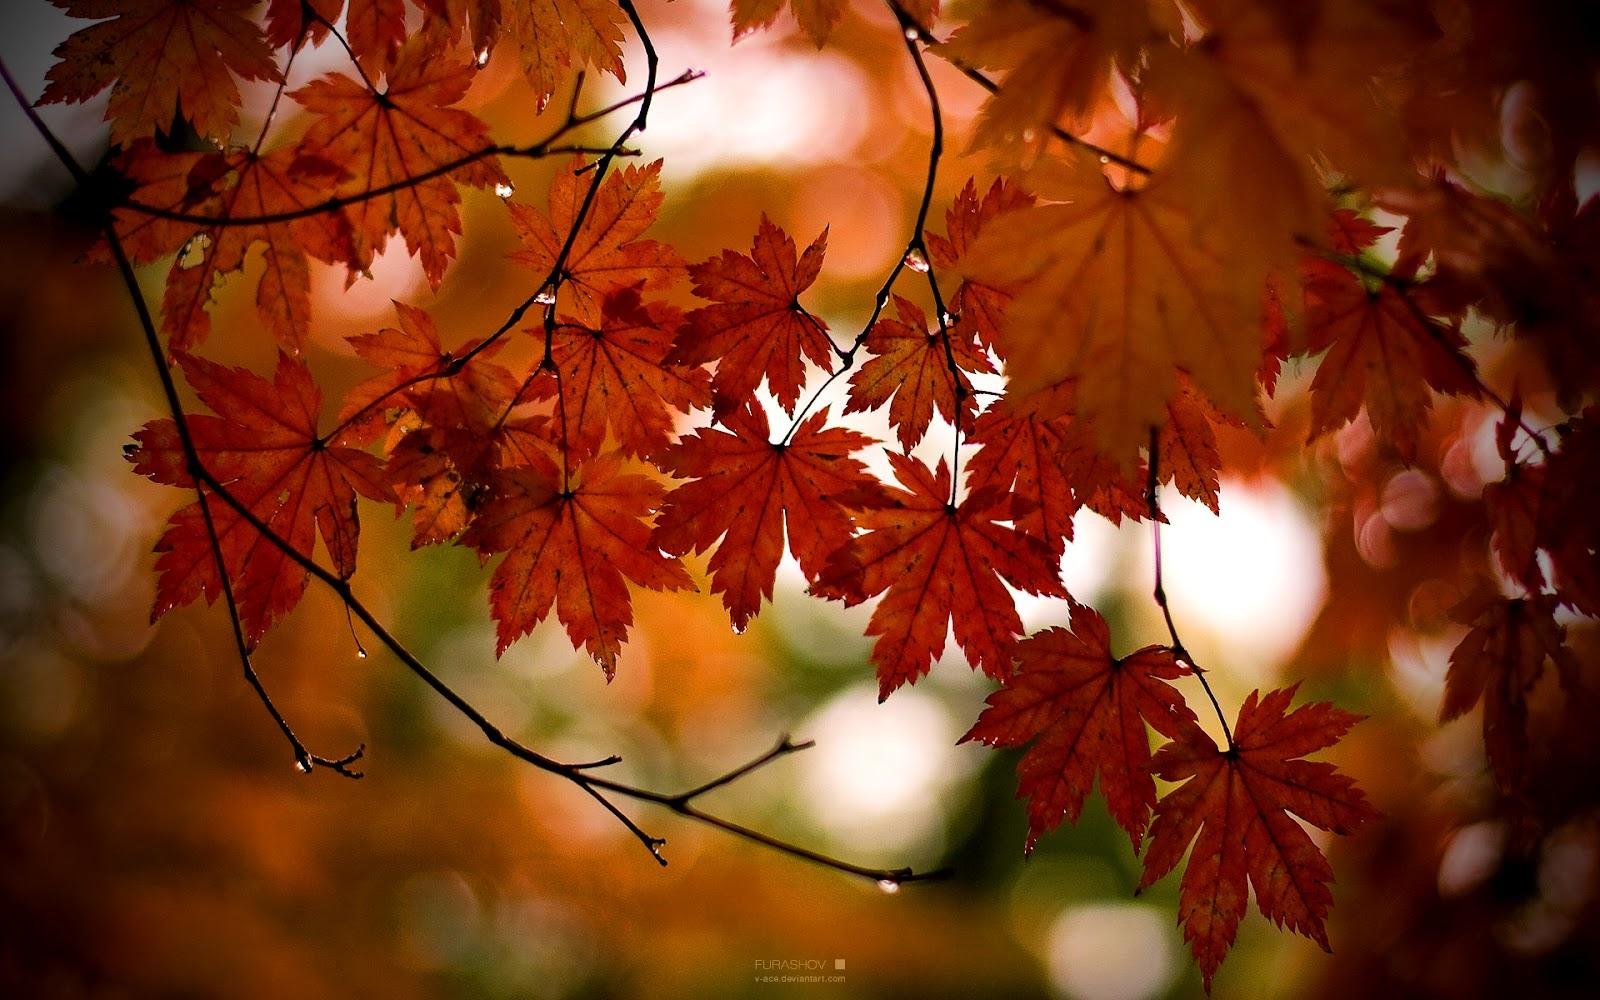 autumn desktop wallpaper hd   wwwwallpapers in hdcom 1600x1000